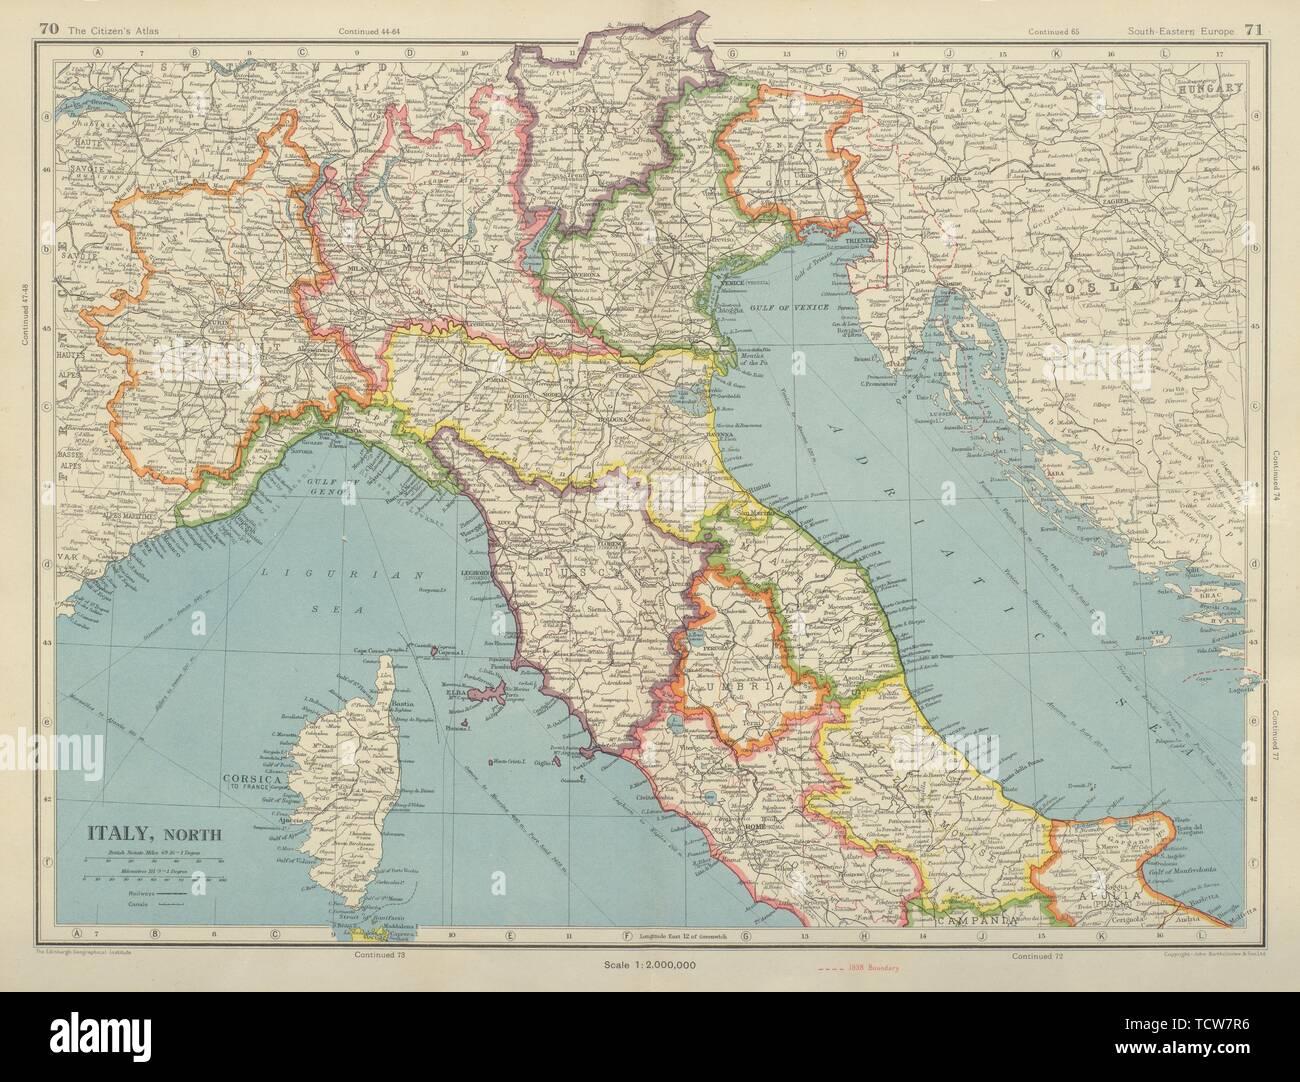 N ITALIEN post WW2/pre 1947 Grenze ändert. Triest ...